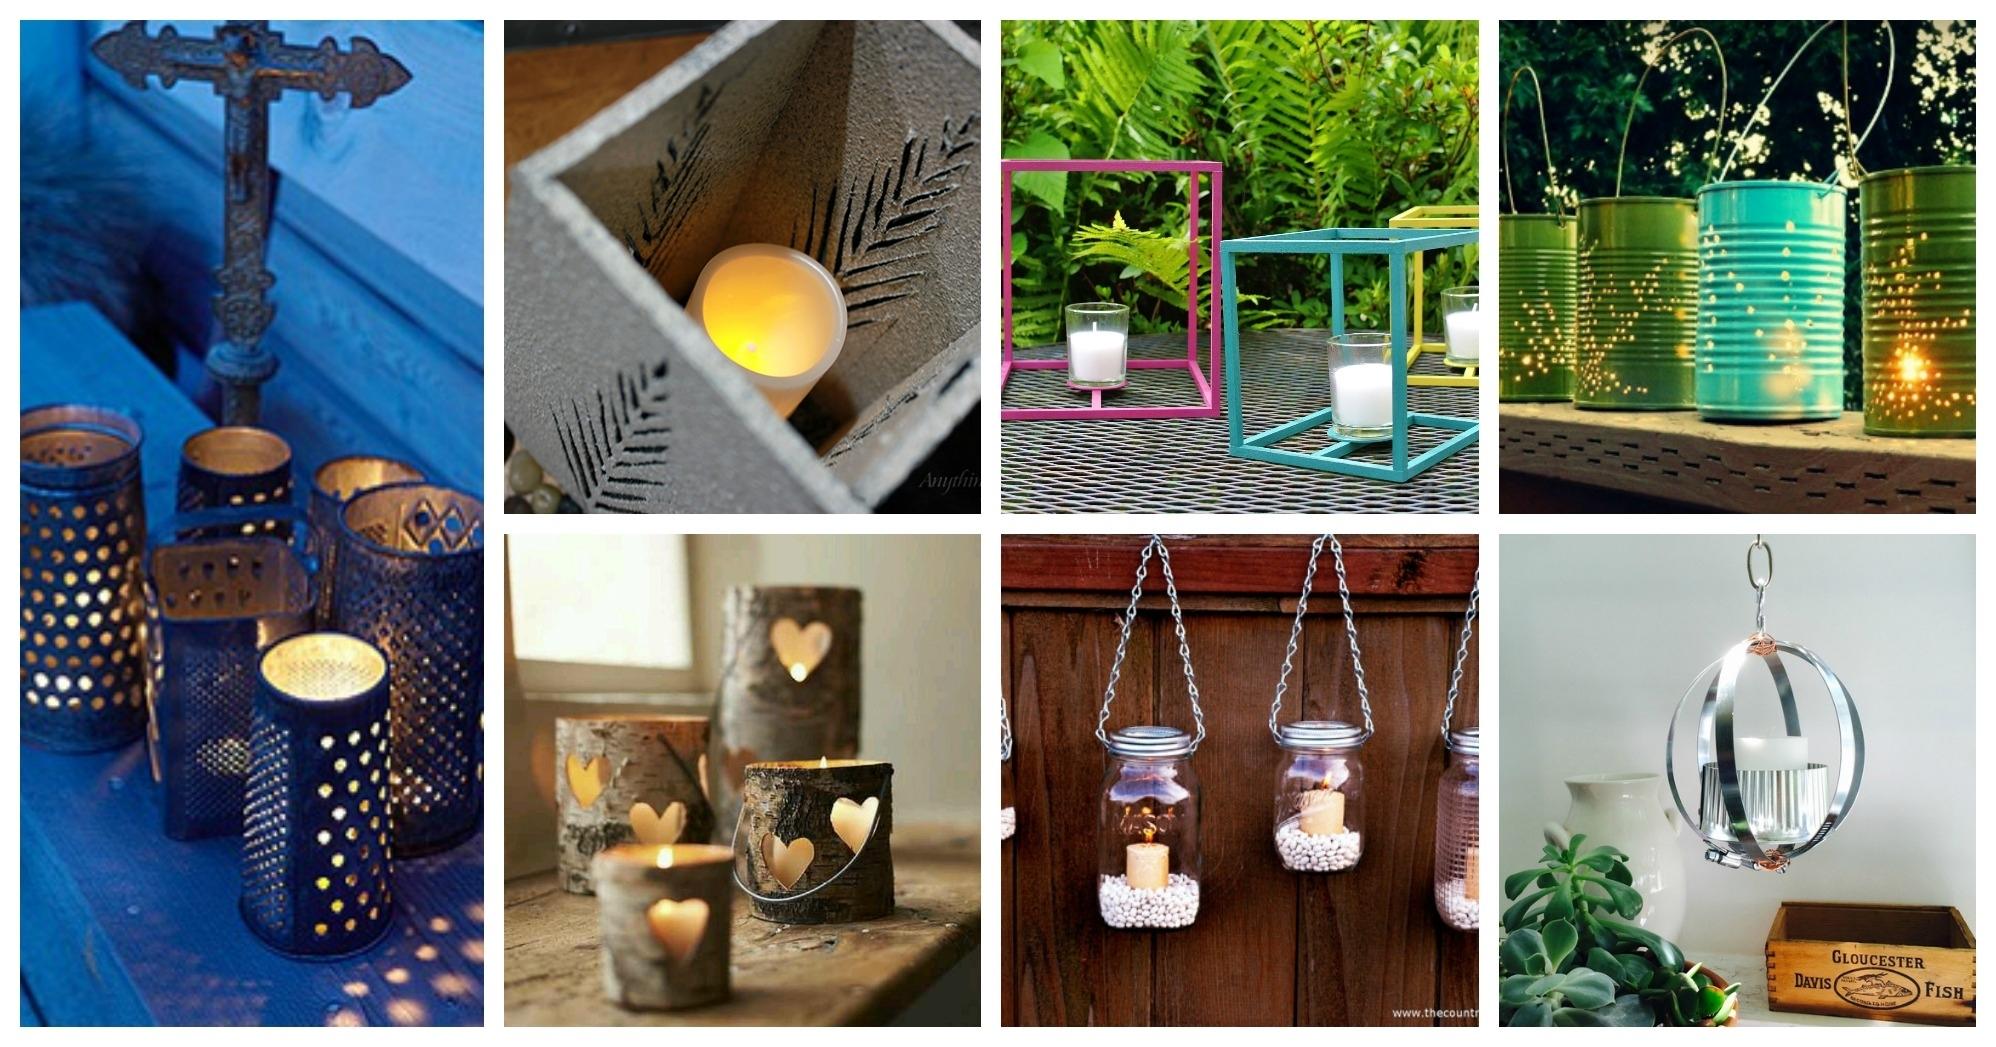 Gorgeous Diy Outdoor Lanterns To Make This Spring Throughout Diy Outdoor Lanterns (View 2 of 20)